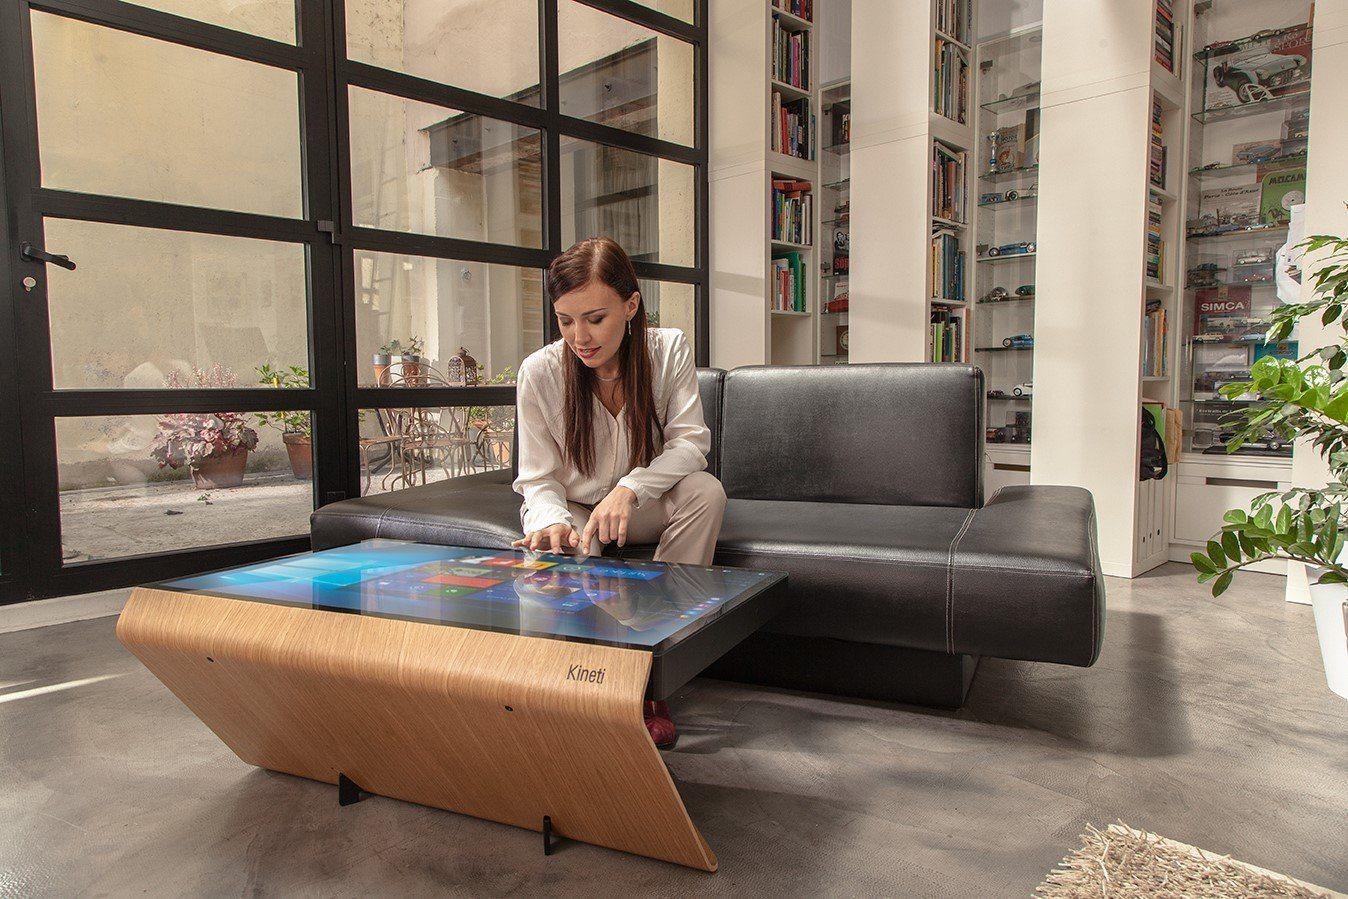 Kineti, la table basse connectée qui pilote la maison